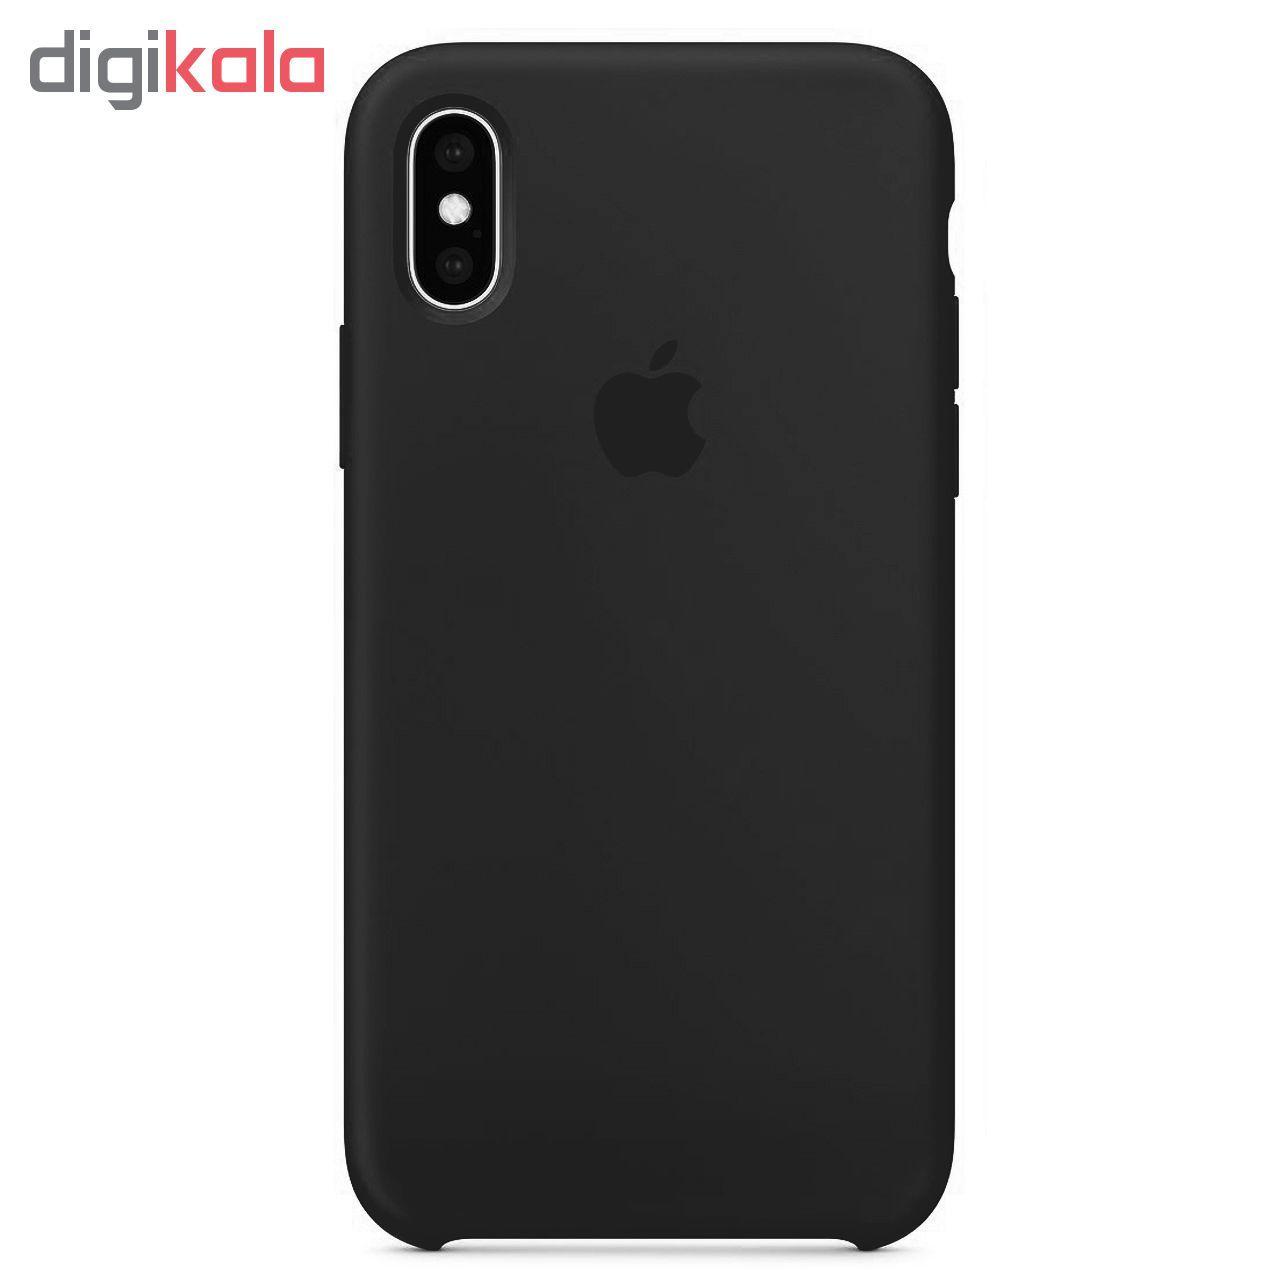 کاور مدل sili003 مناسب برای گوشی موبایل اپل Iphone X / XS main 1 12